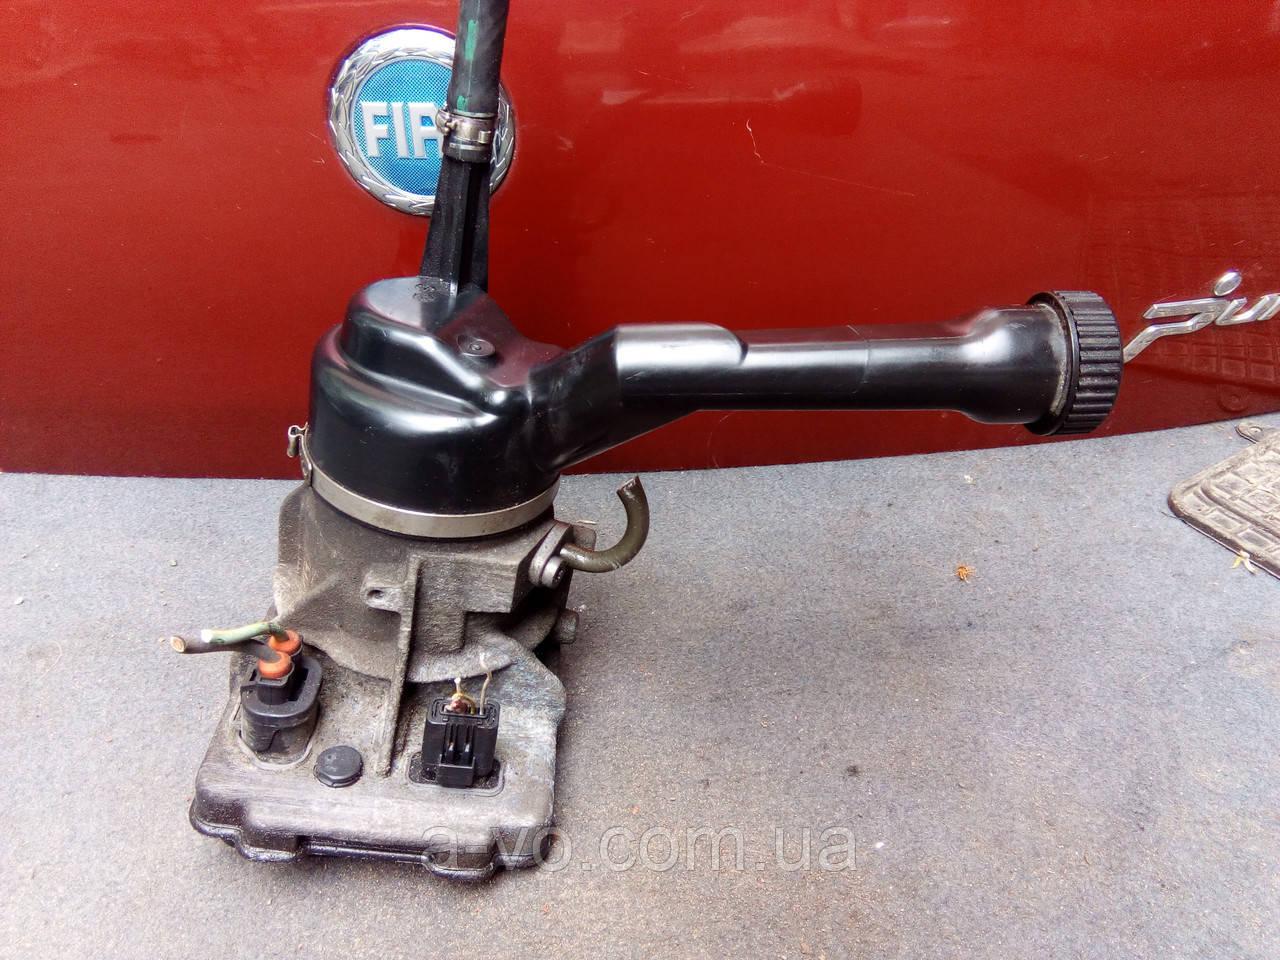 Насос электромеханический гидроусилителя руля ЭГУР для Peugeot 308 Partner 3 Citroen C4 Picasso Berlingo 3